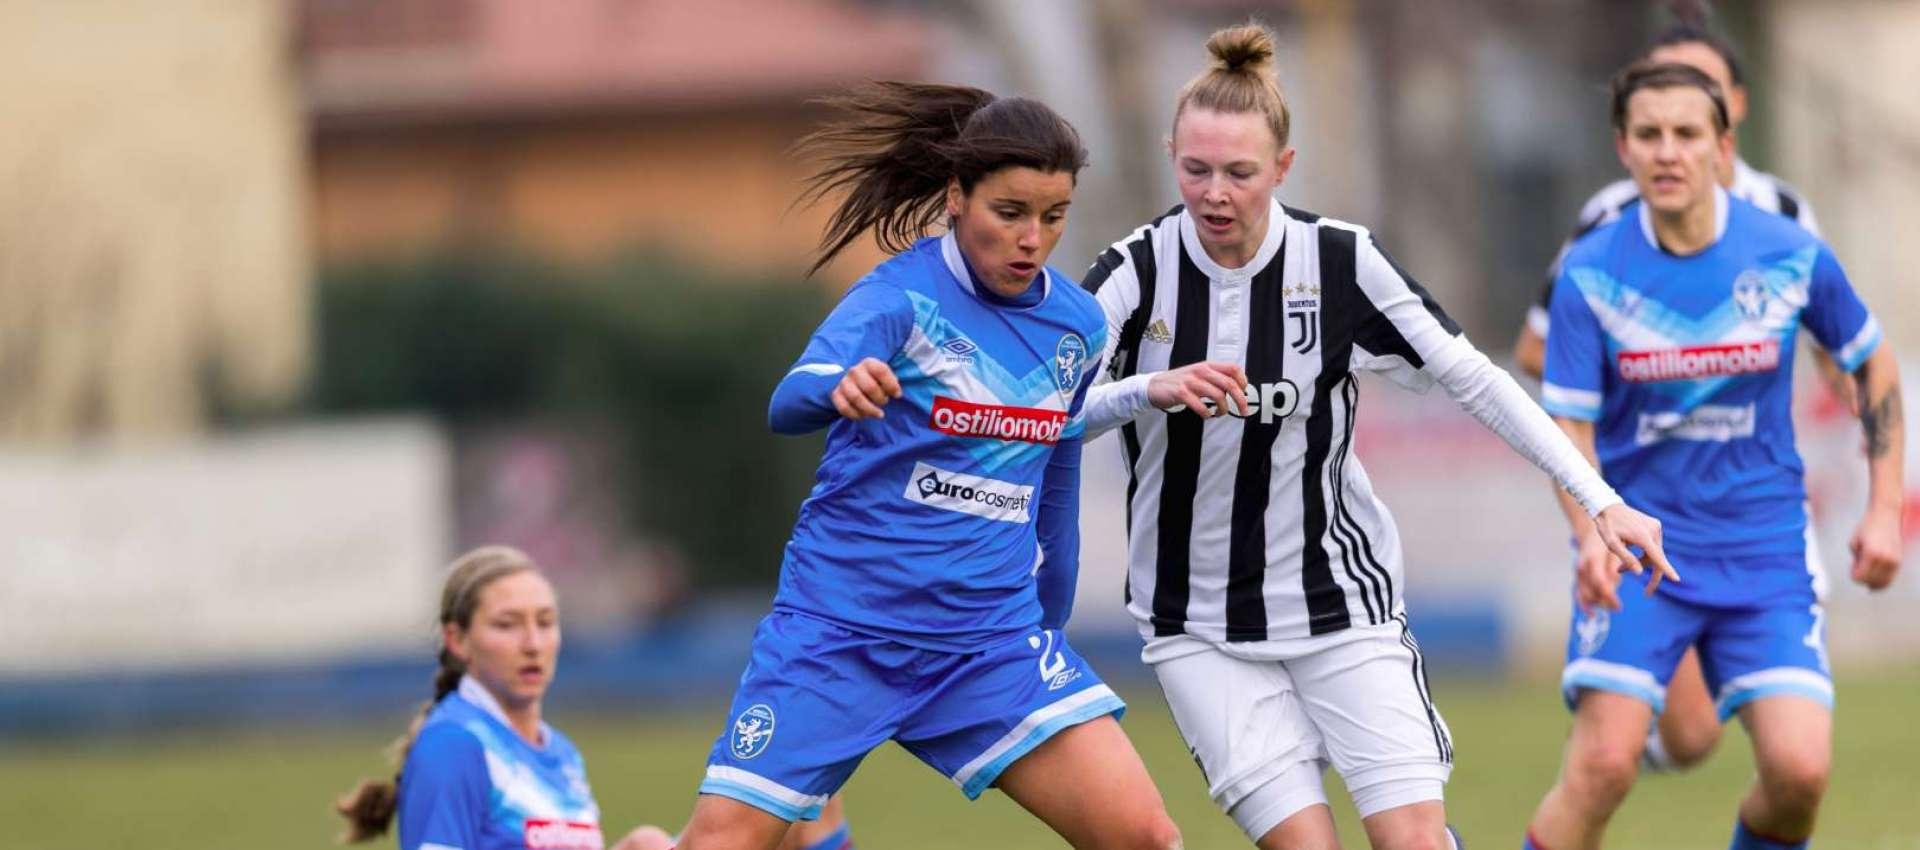 Monica Mendes, Brescia Calcio Femminile, AIC, Associazione Italiana Calciatori